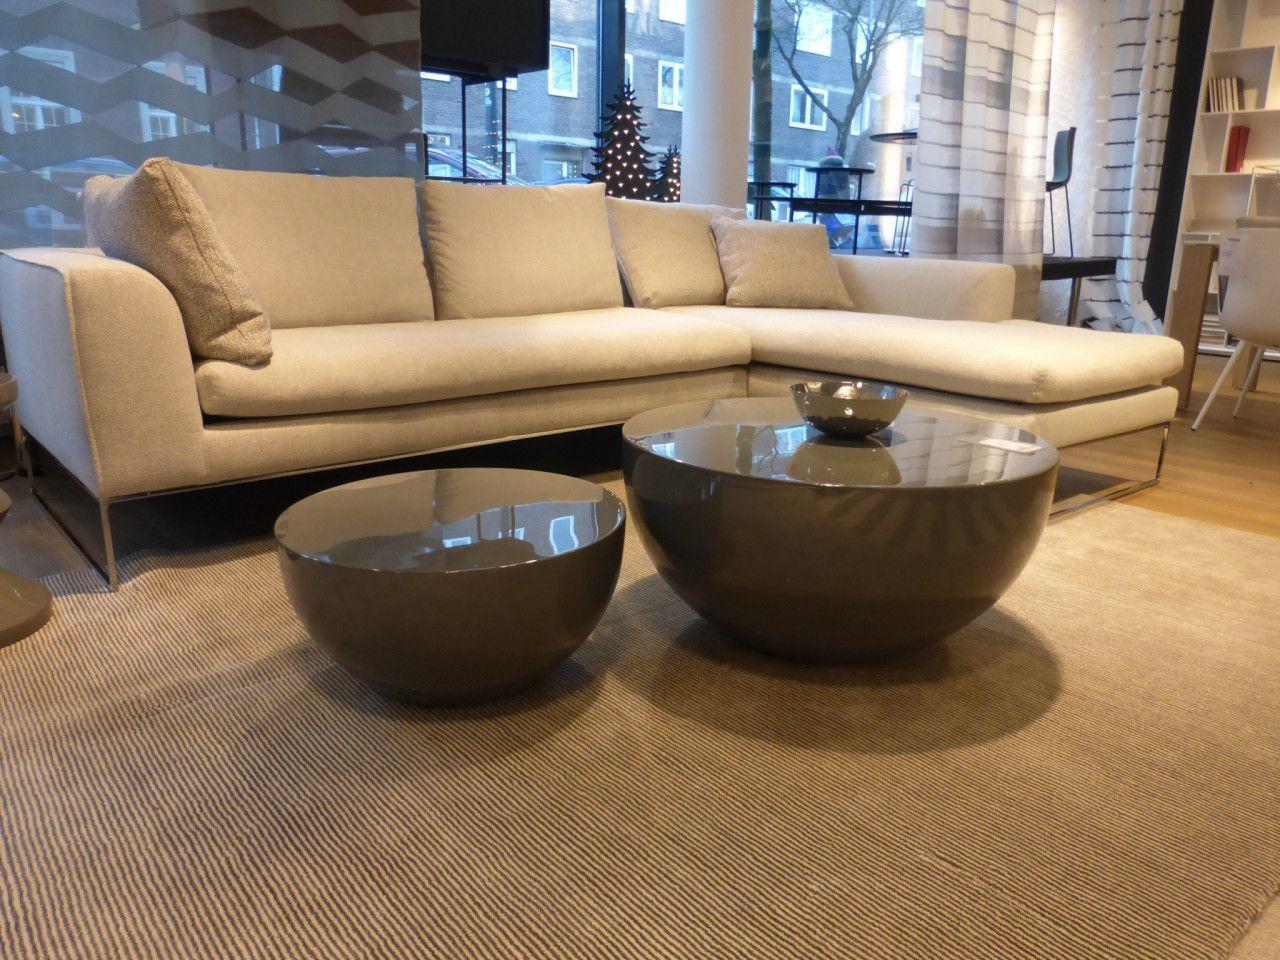 Die Runden Beistelltische Von Meridiani Sind Hochglanz Lackiert Und Ein Hingucker Vor Jedem Sofa Livingroom Wohnz Beistelltisch Hochtisch Niedrige Tische